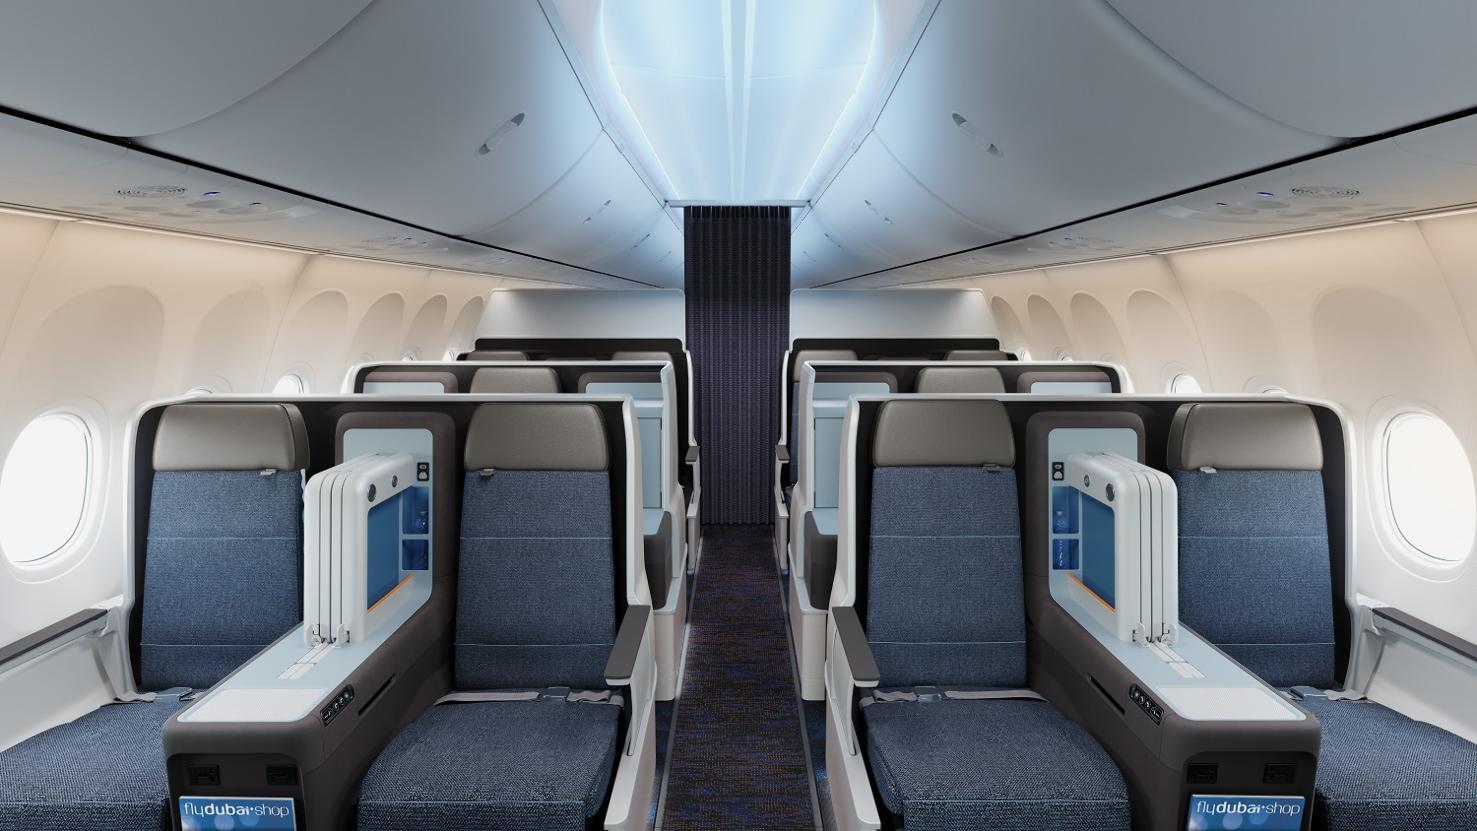 Flydubai unveils first Boeing 737 MAX 8